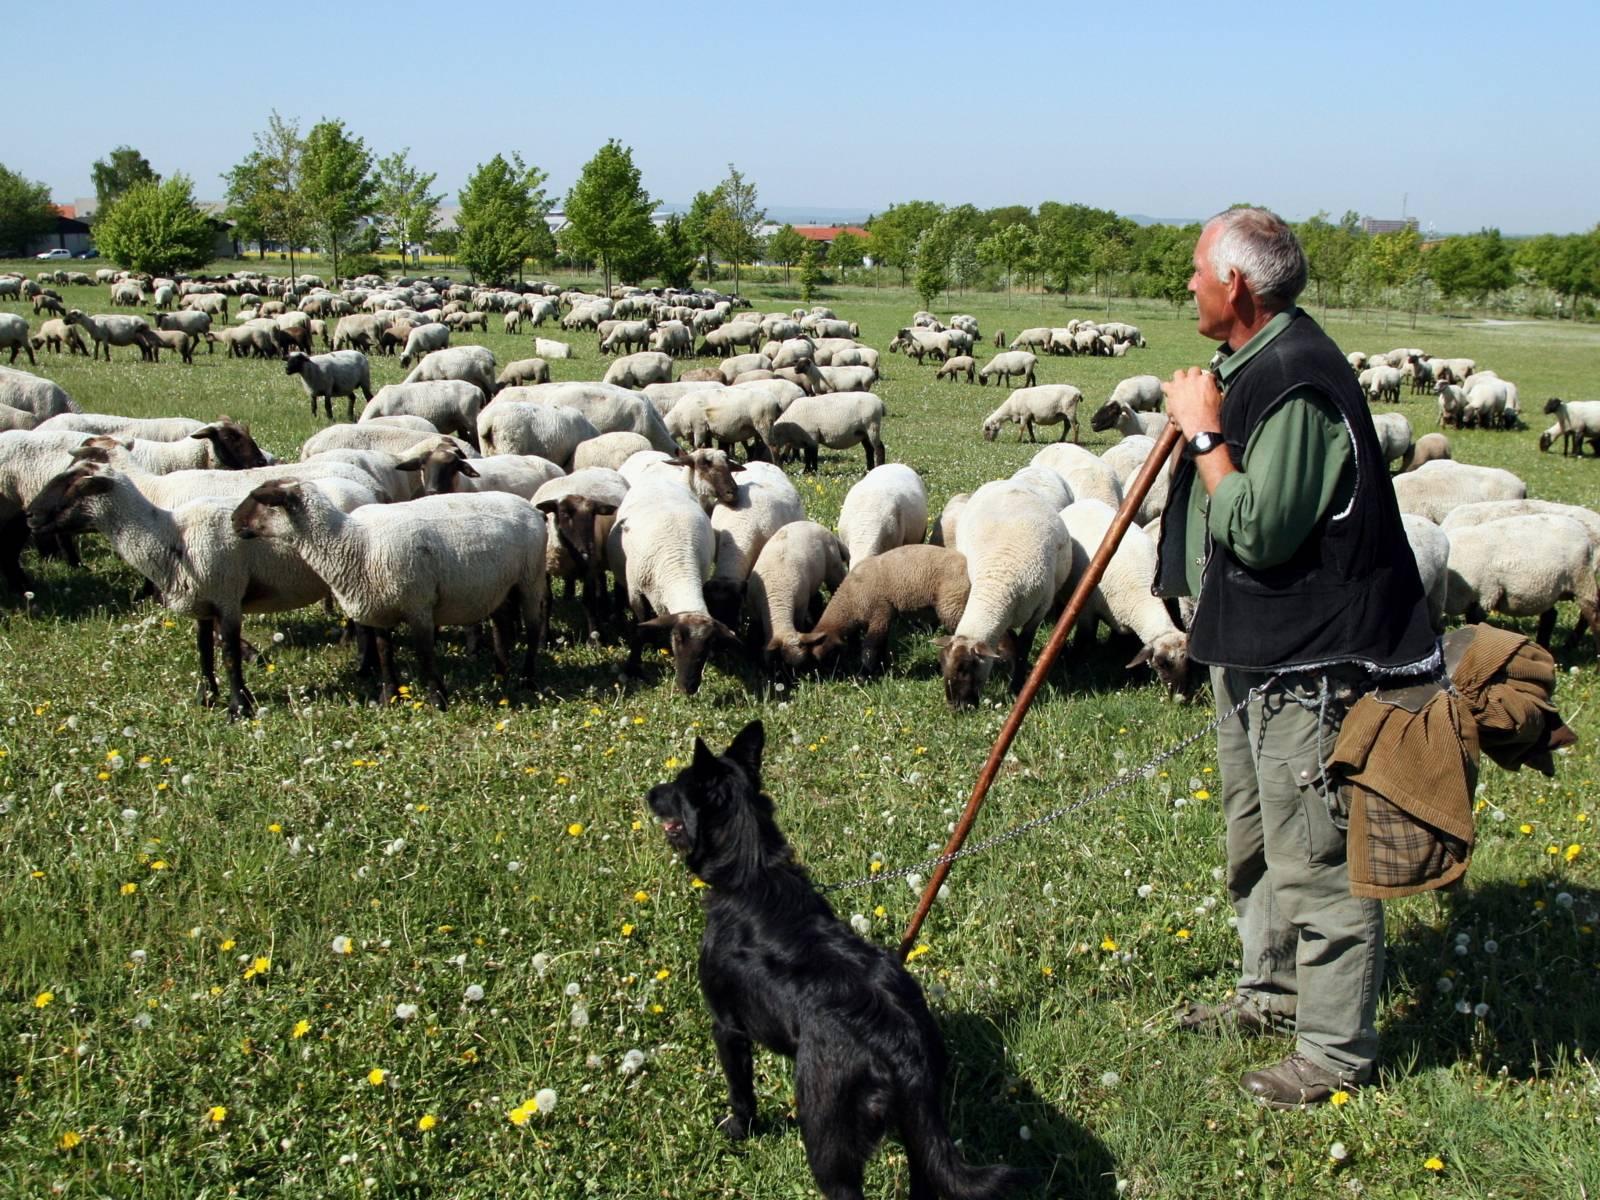 Ein Schäfer stützt sich auf seinen Hirtenstab und schaut auf seine Herden. Neben ihm steht ein schwarzer Hund.